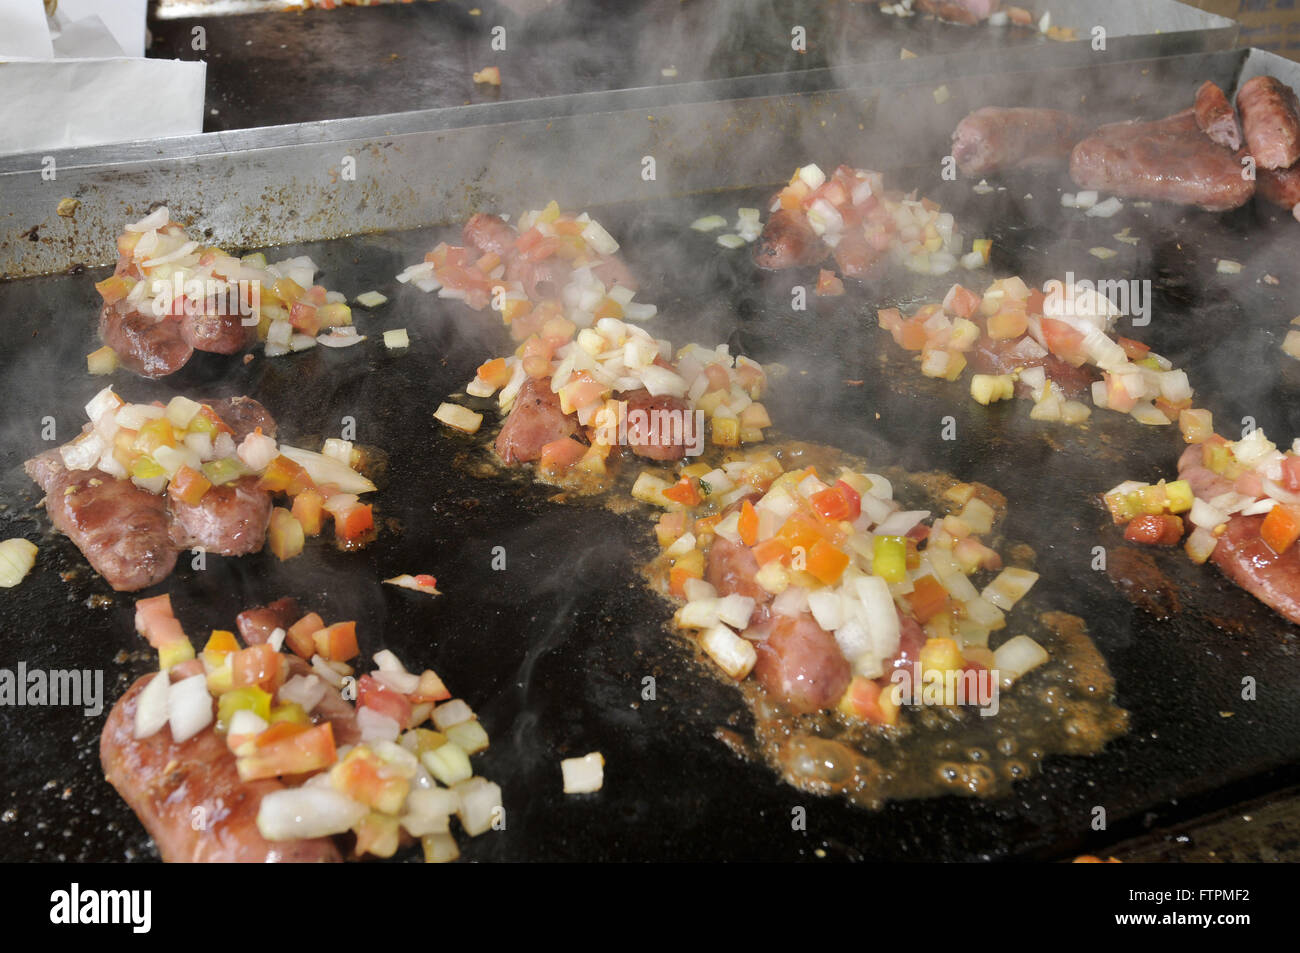 Snack-linguica en saucisse cuite dans une feuille d'aluminium Photo Stock